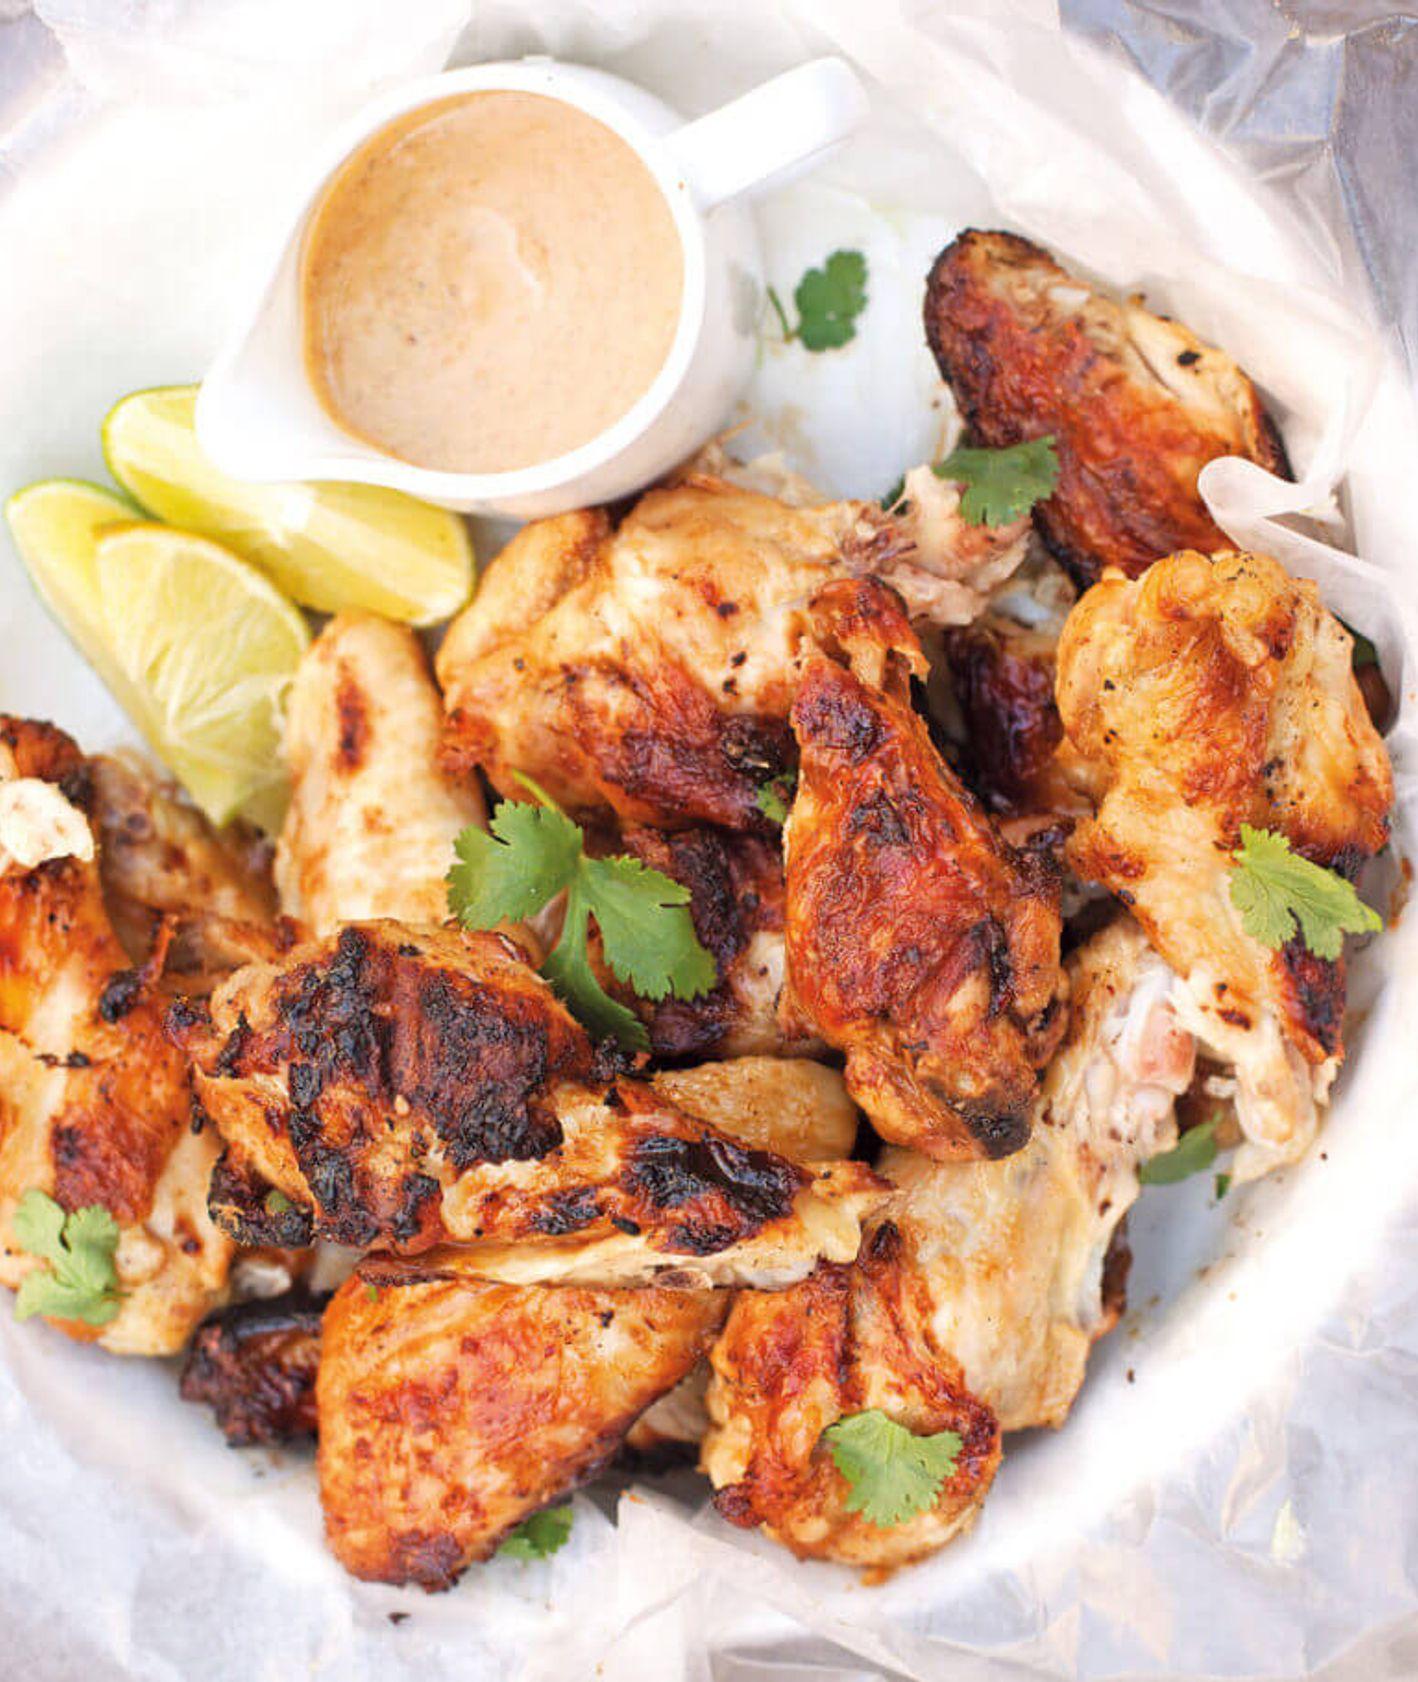 Kurczak pieczony na grillu z sosem musztardowym w żółtym curry i mleczku kokosowym